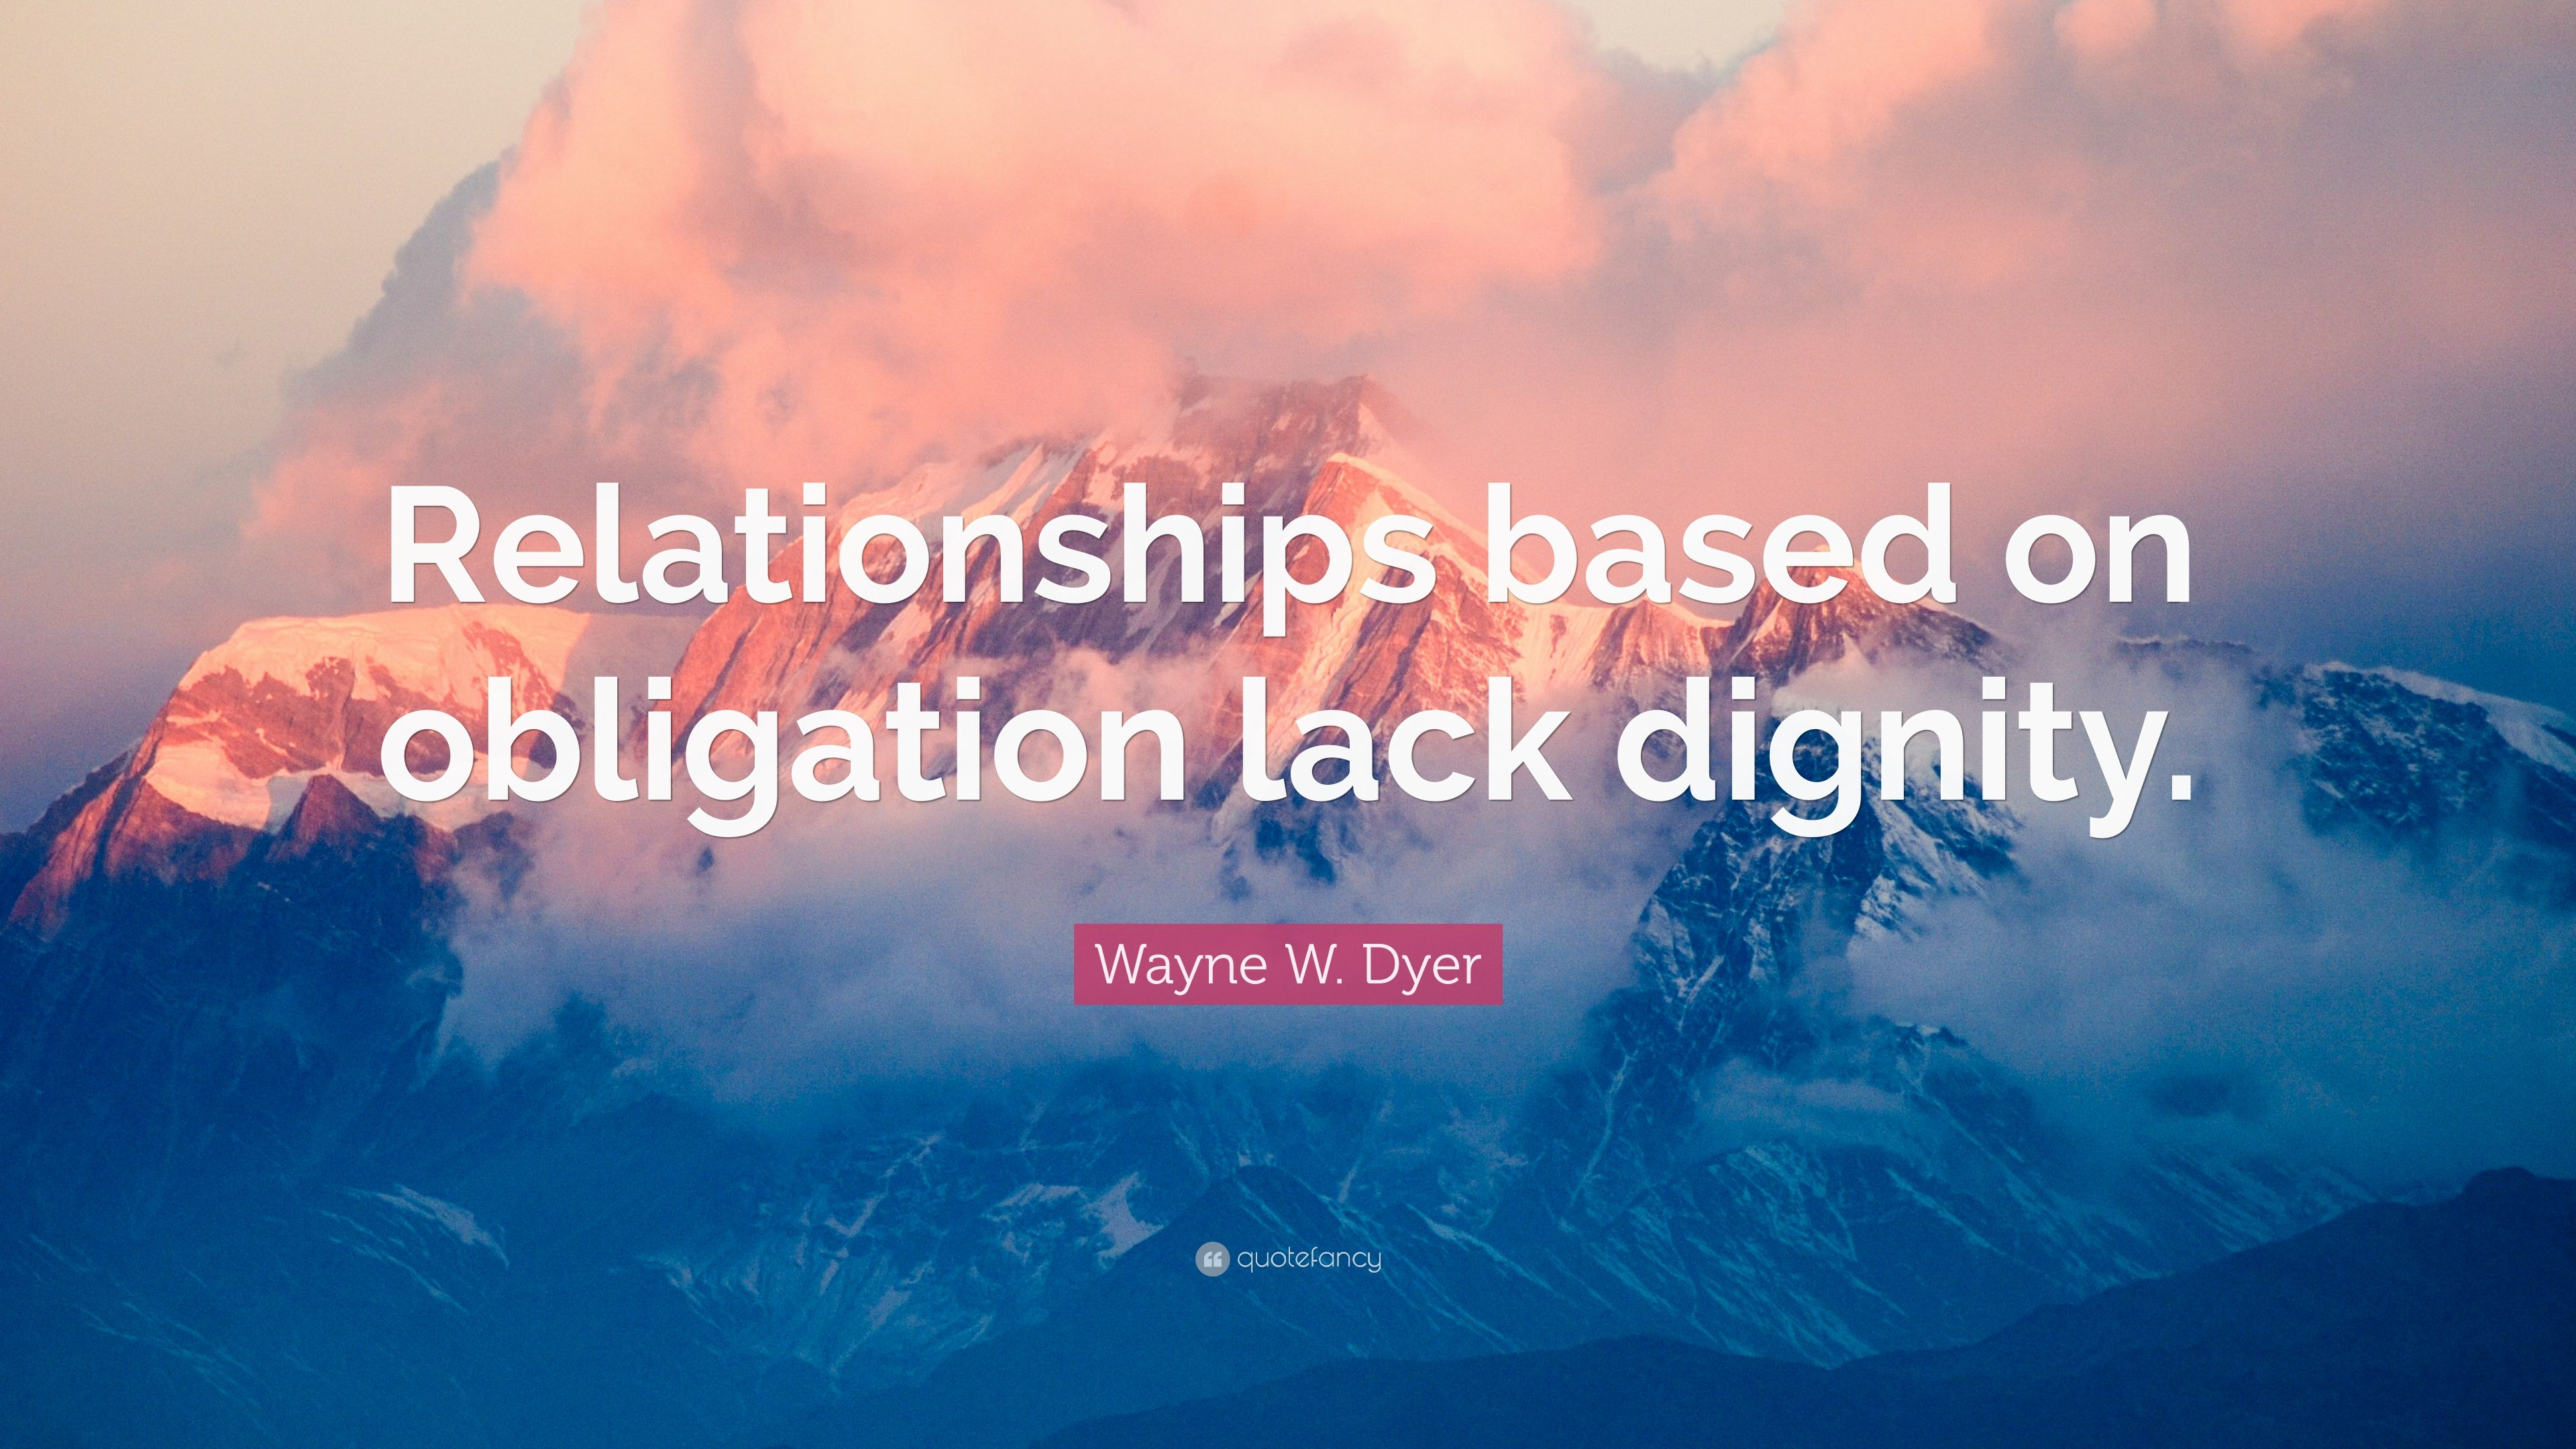 Relationships based on obligation lack dignity wayne dyer - Wayne W Dyer Quote Relationships Based On Obligation Lack Dignity